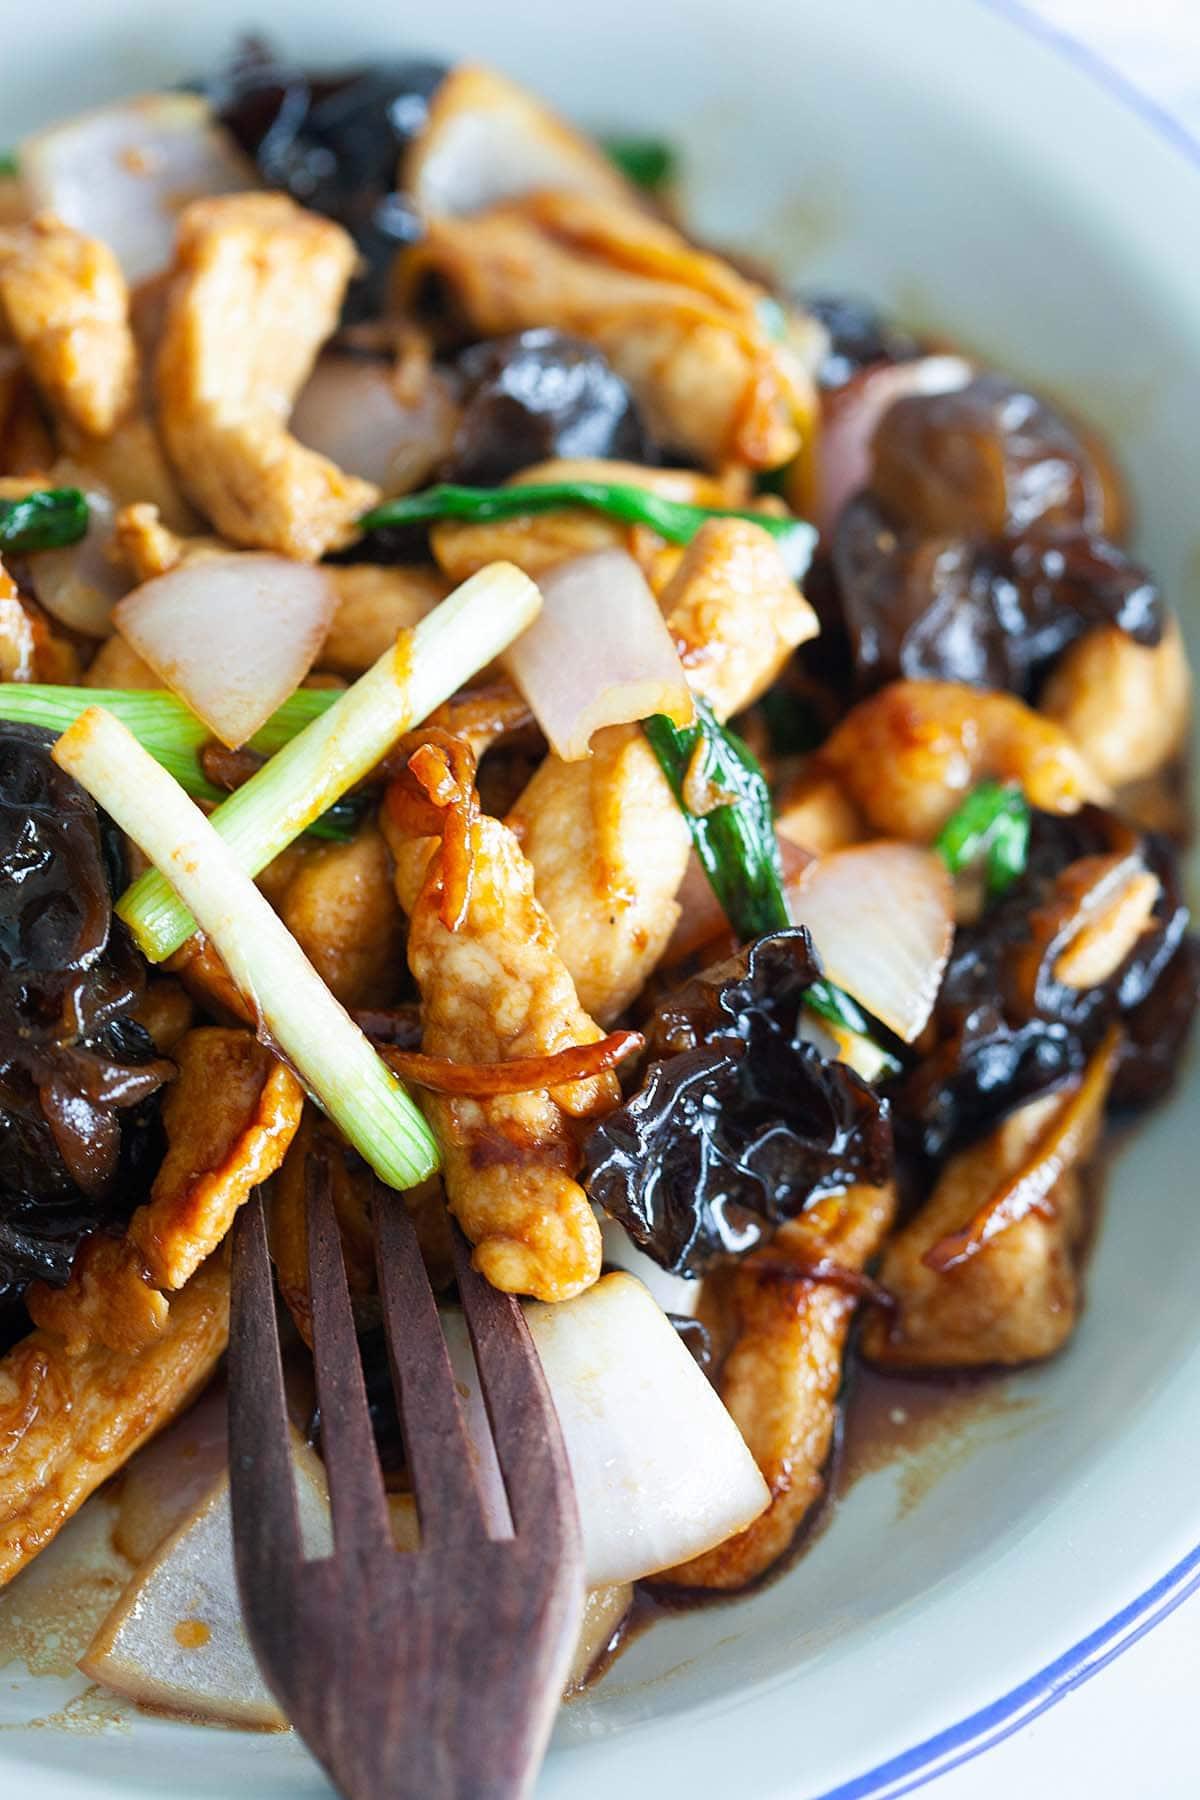 le poulet sauté au champignon noir et au gingembre absorbe les saveurs de la sauce aux huîtres.